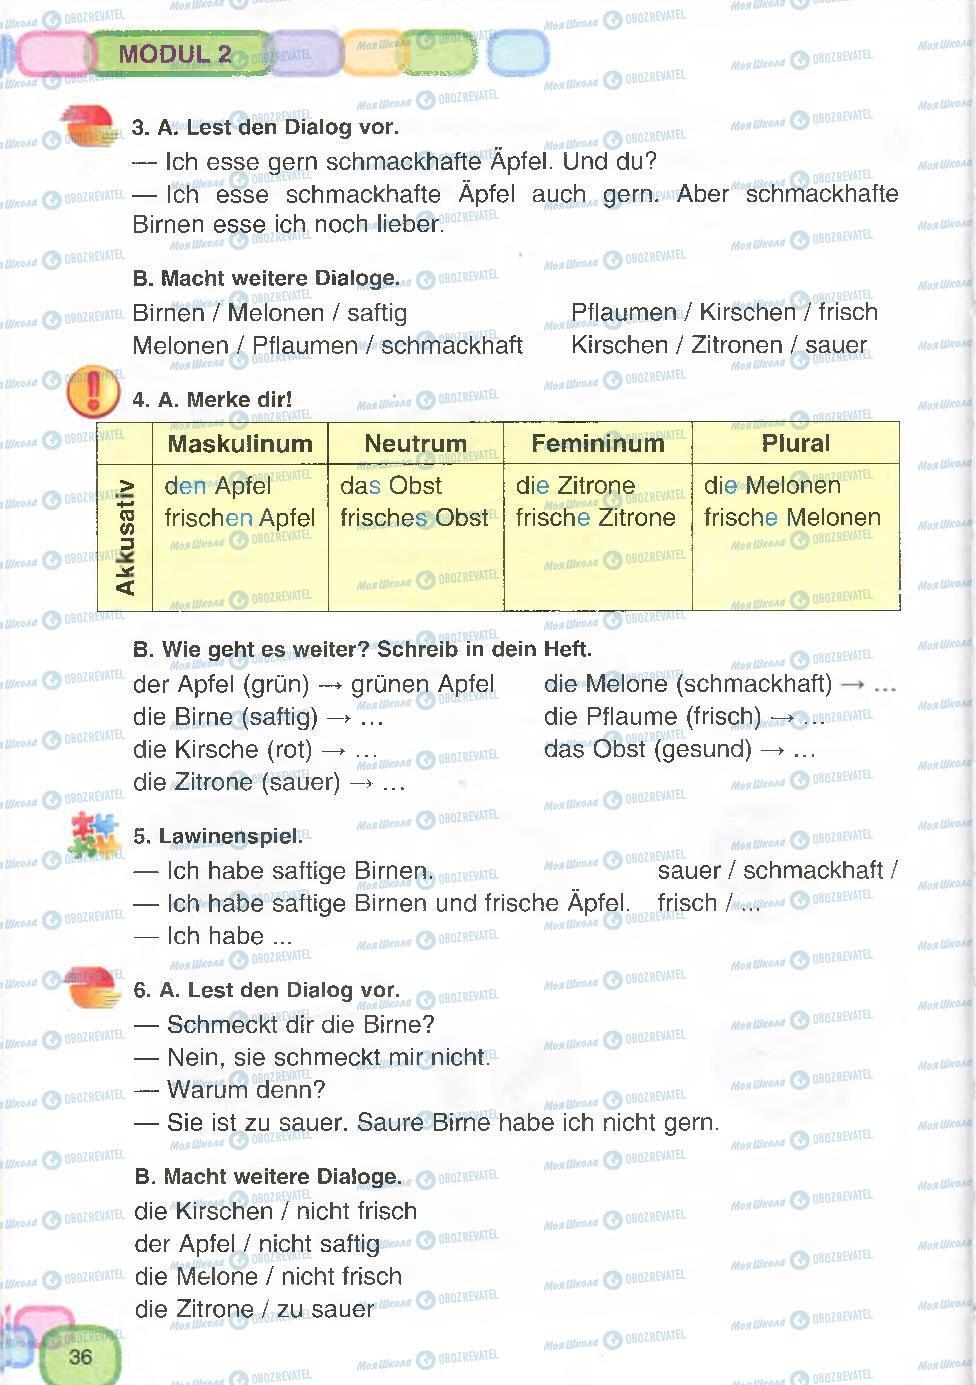 Підручники Німецька мова 7 клас сторінка 36